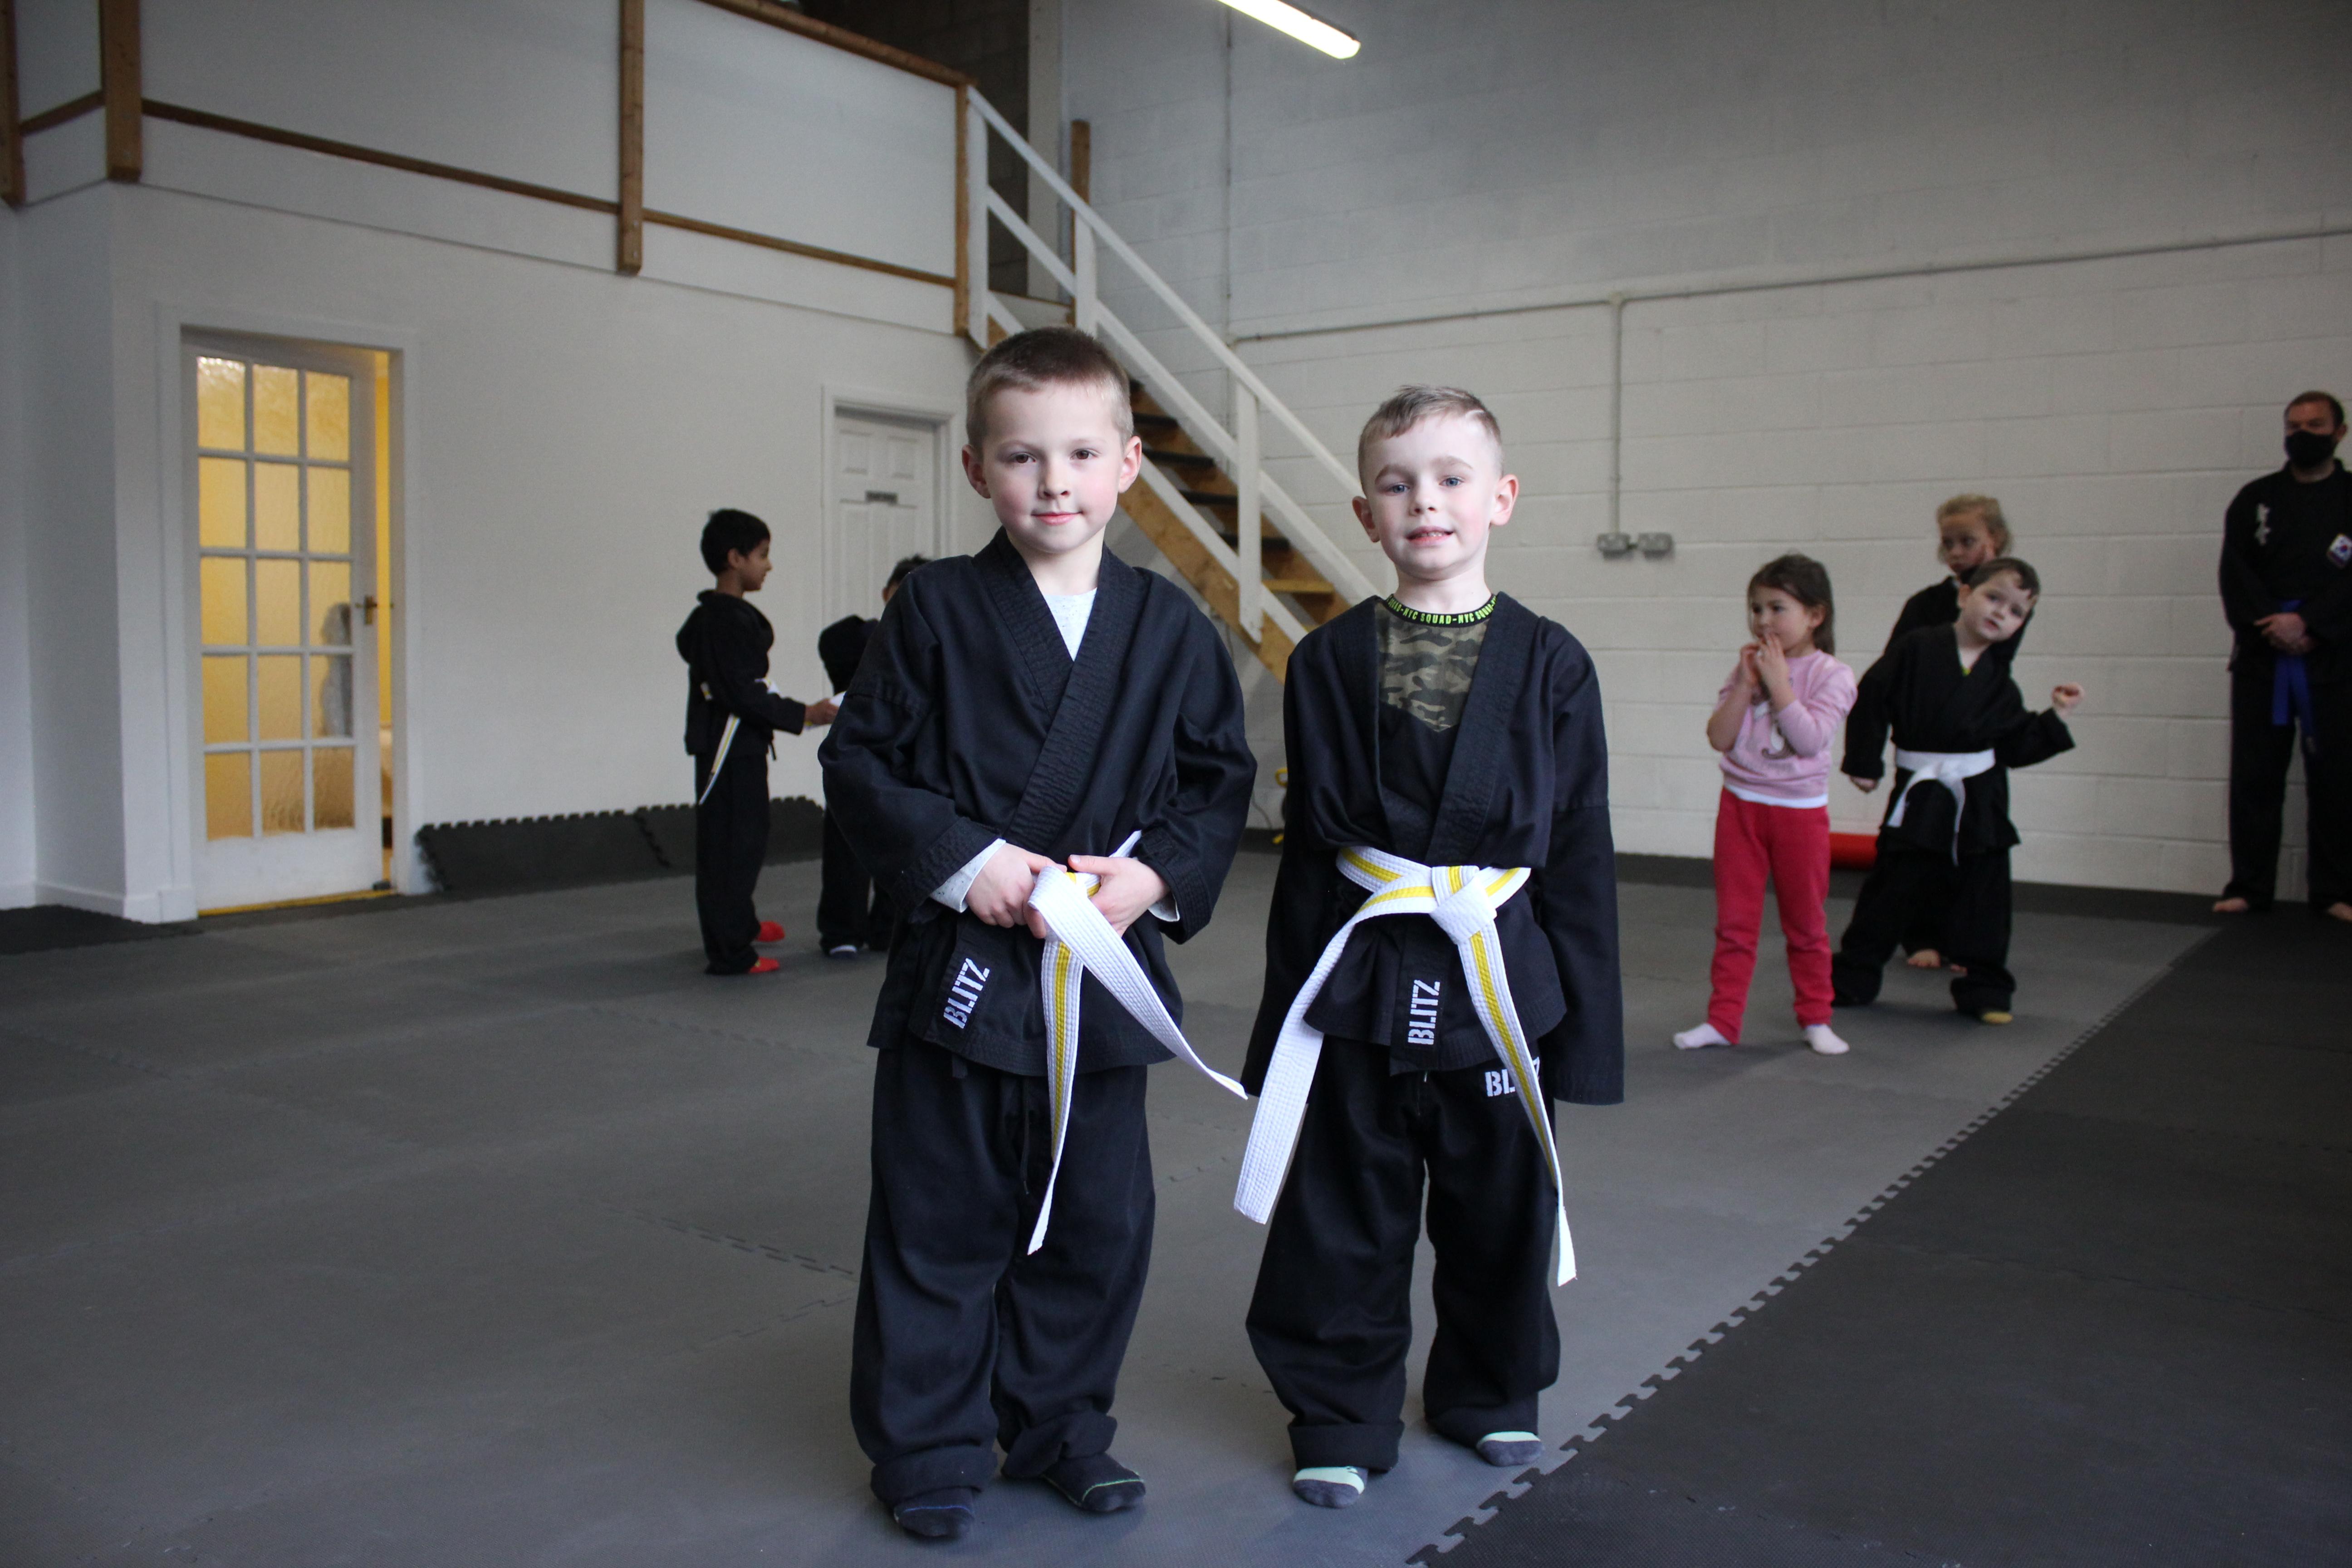 Kuk Sool Won martial arts Perth kids cla